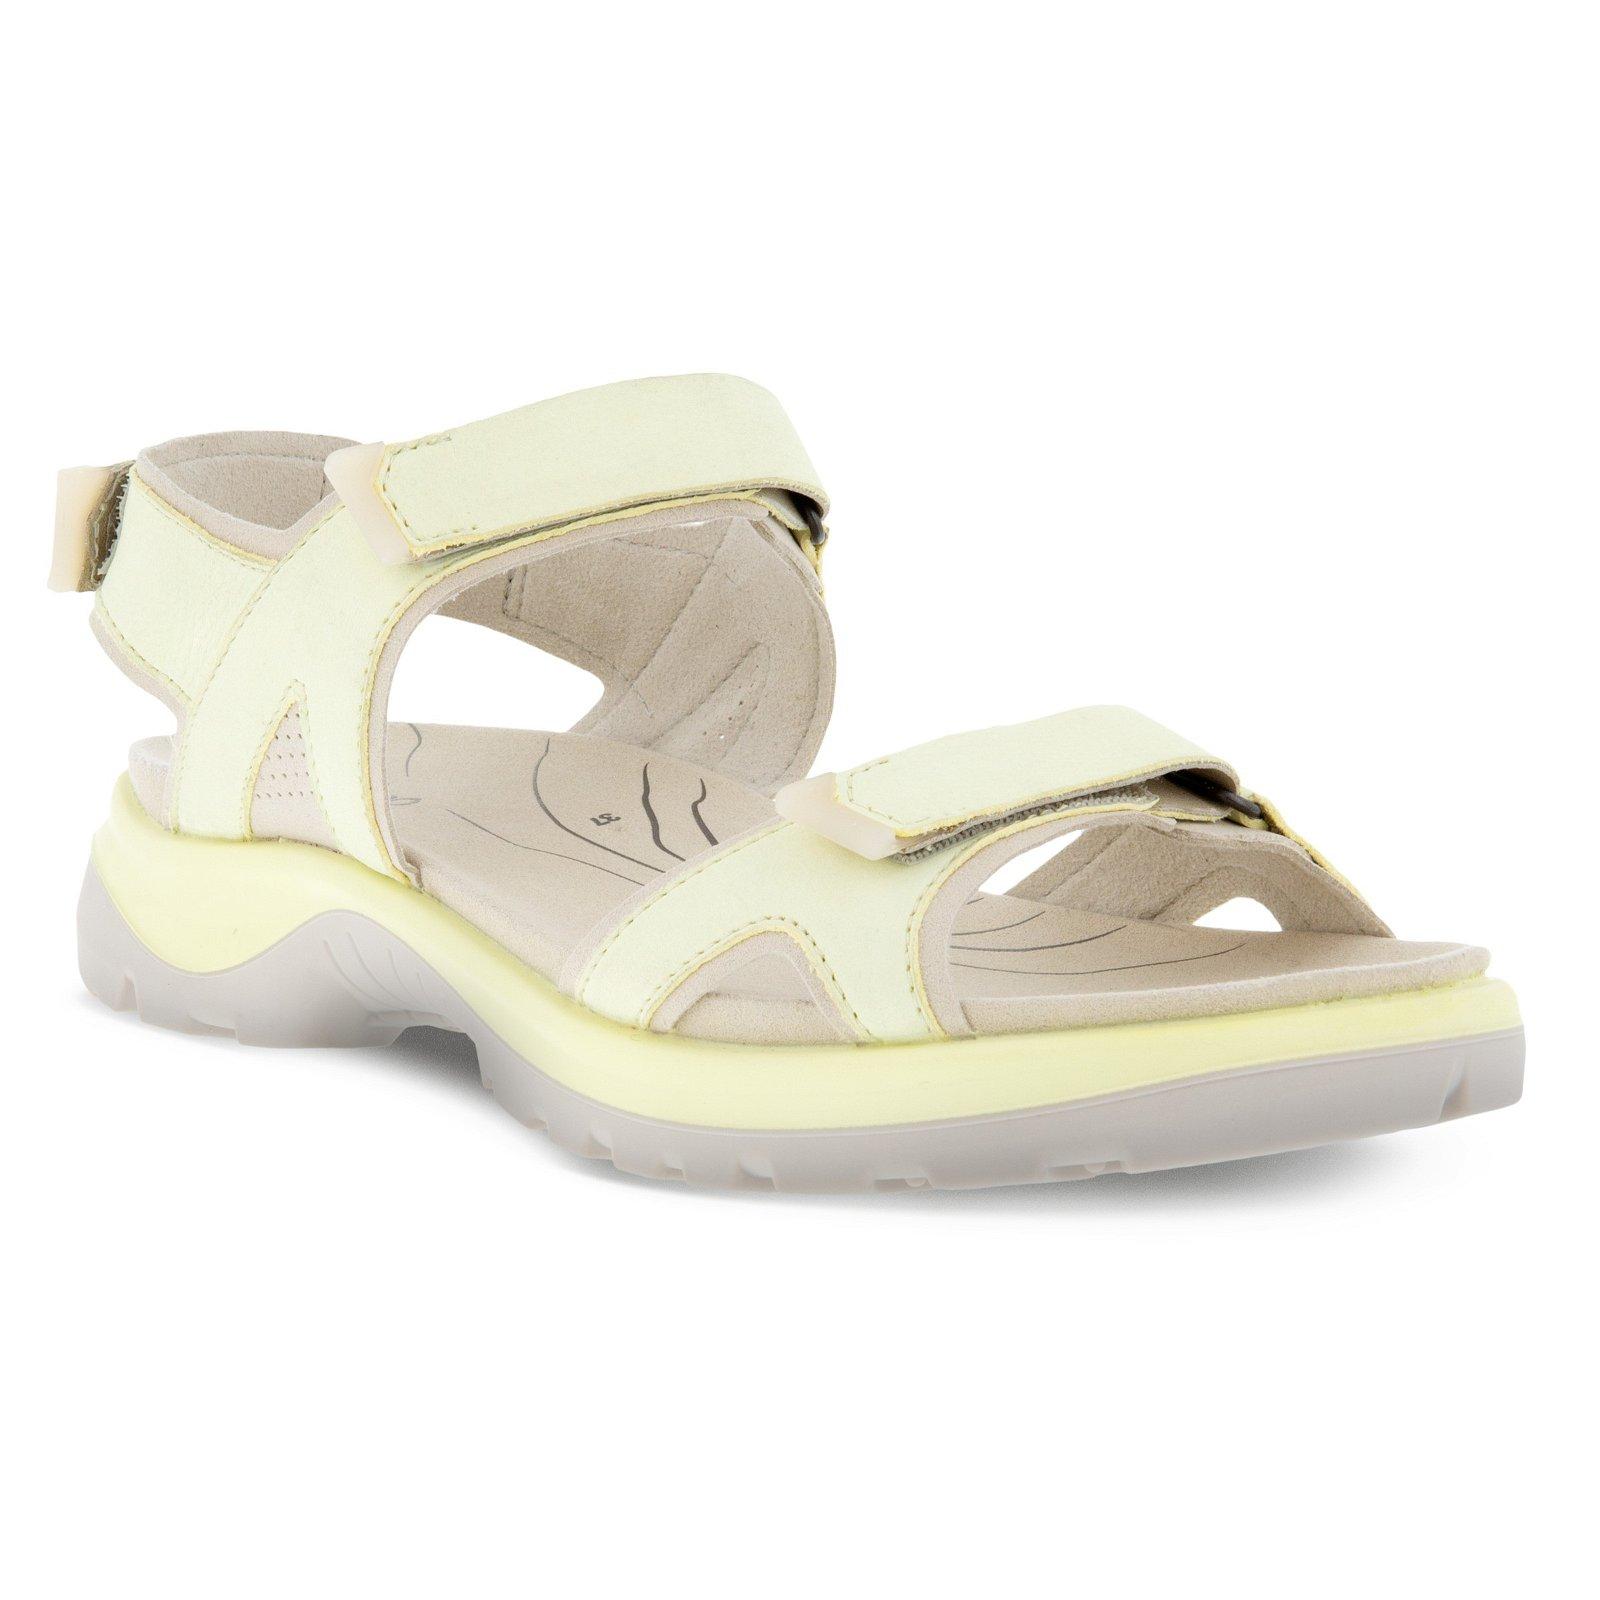 Ecco Yucatan 2.0 3S Sandal Dame